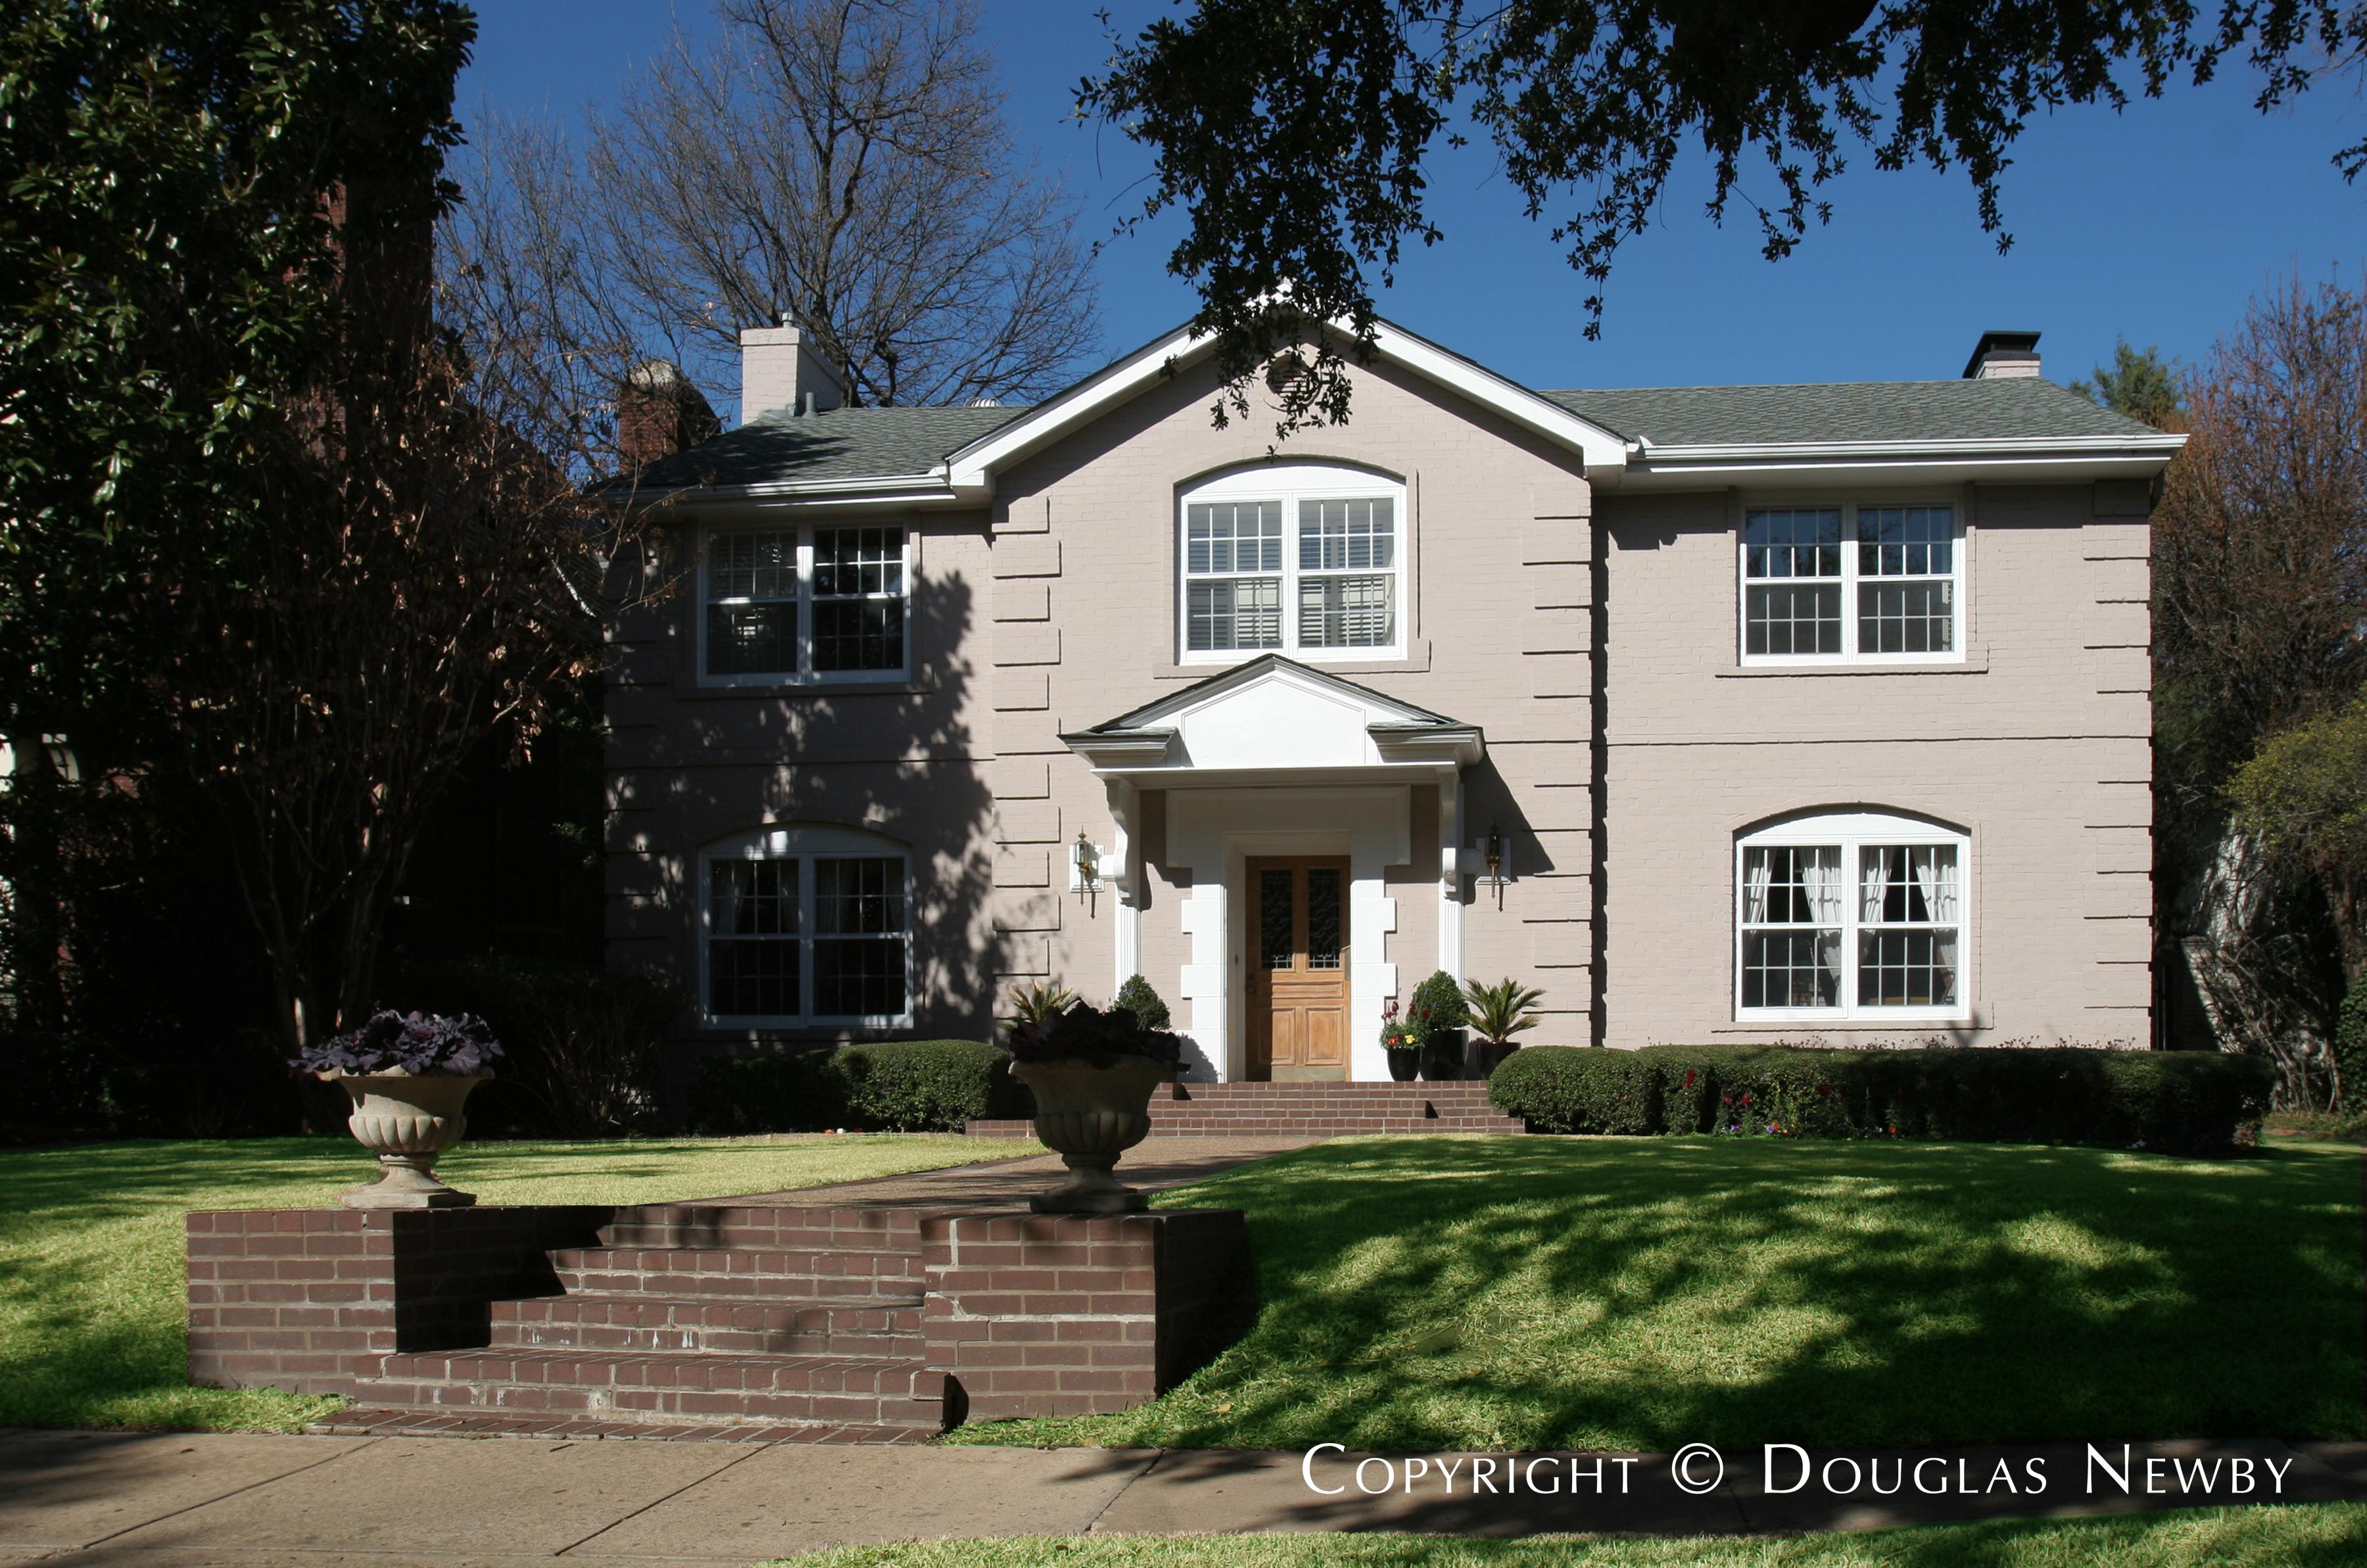 Highland Park Real Estate on 0.21 Acres